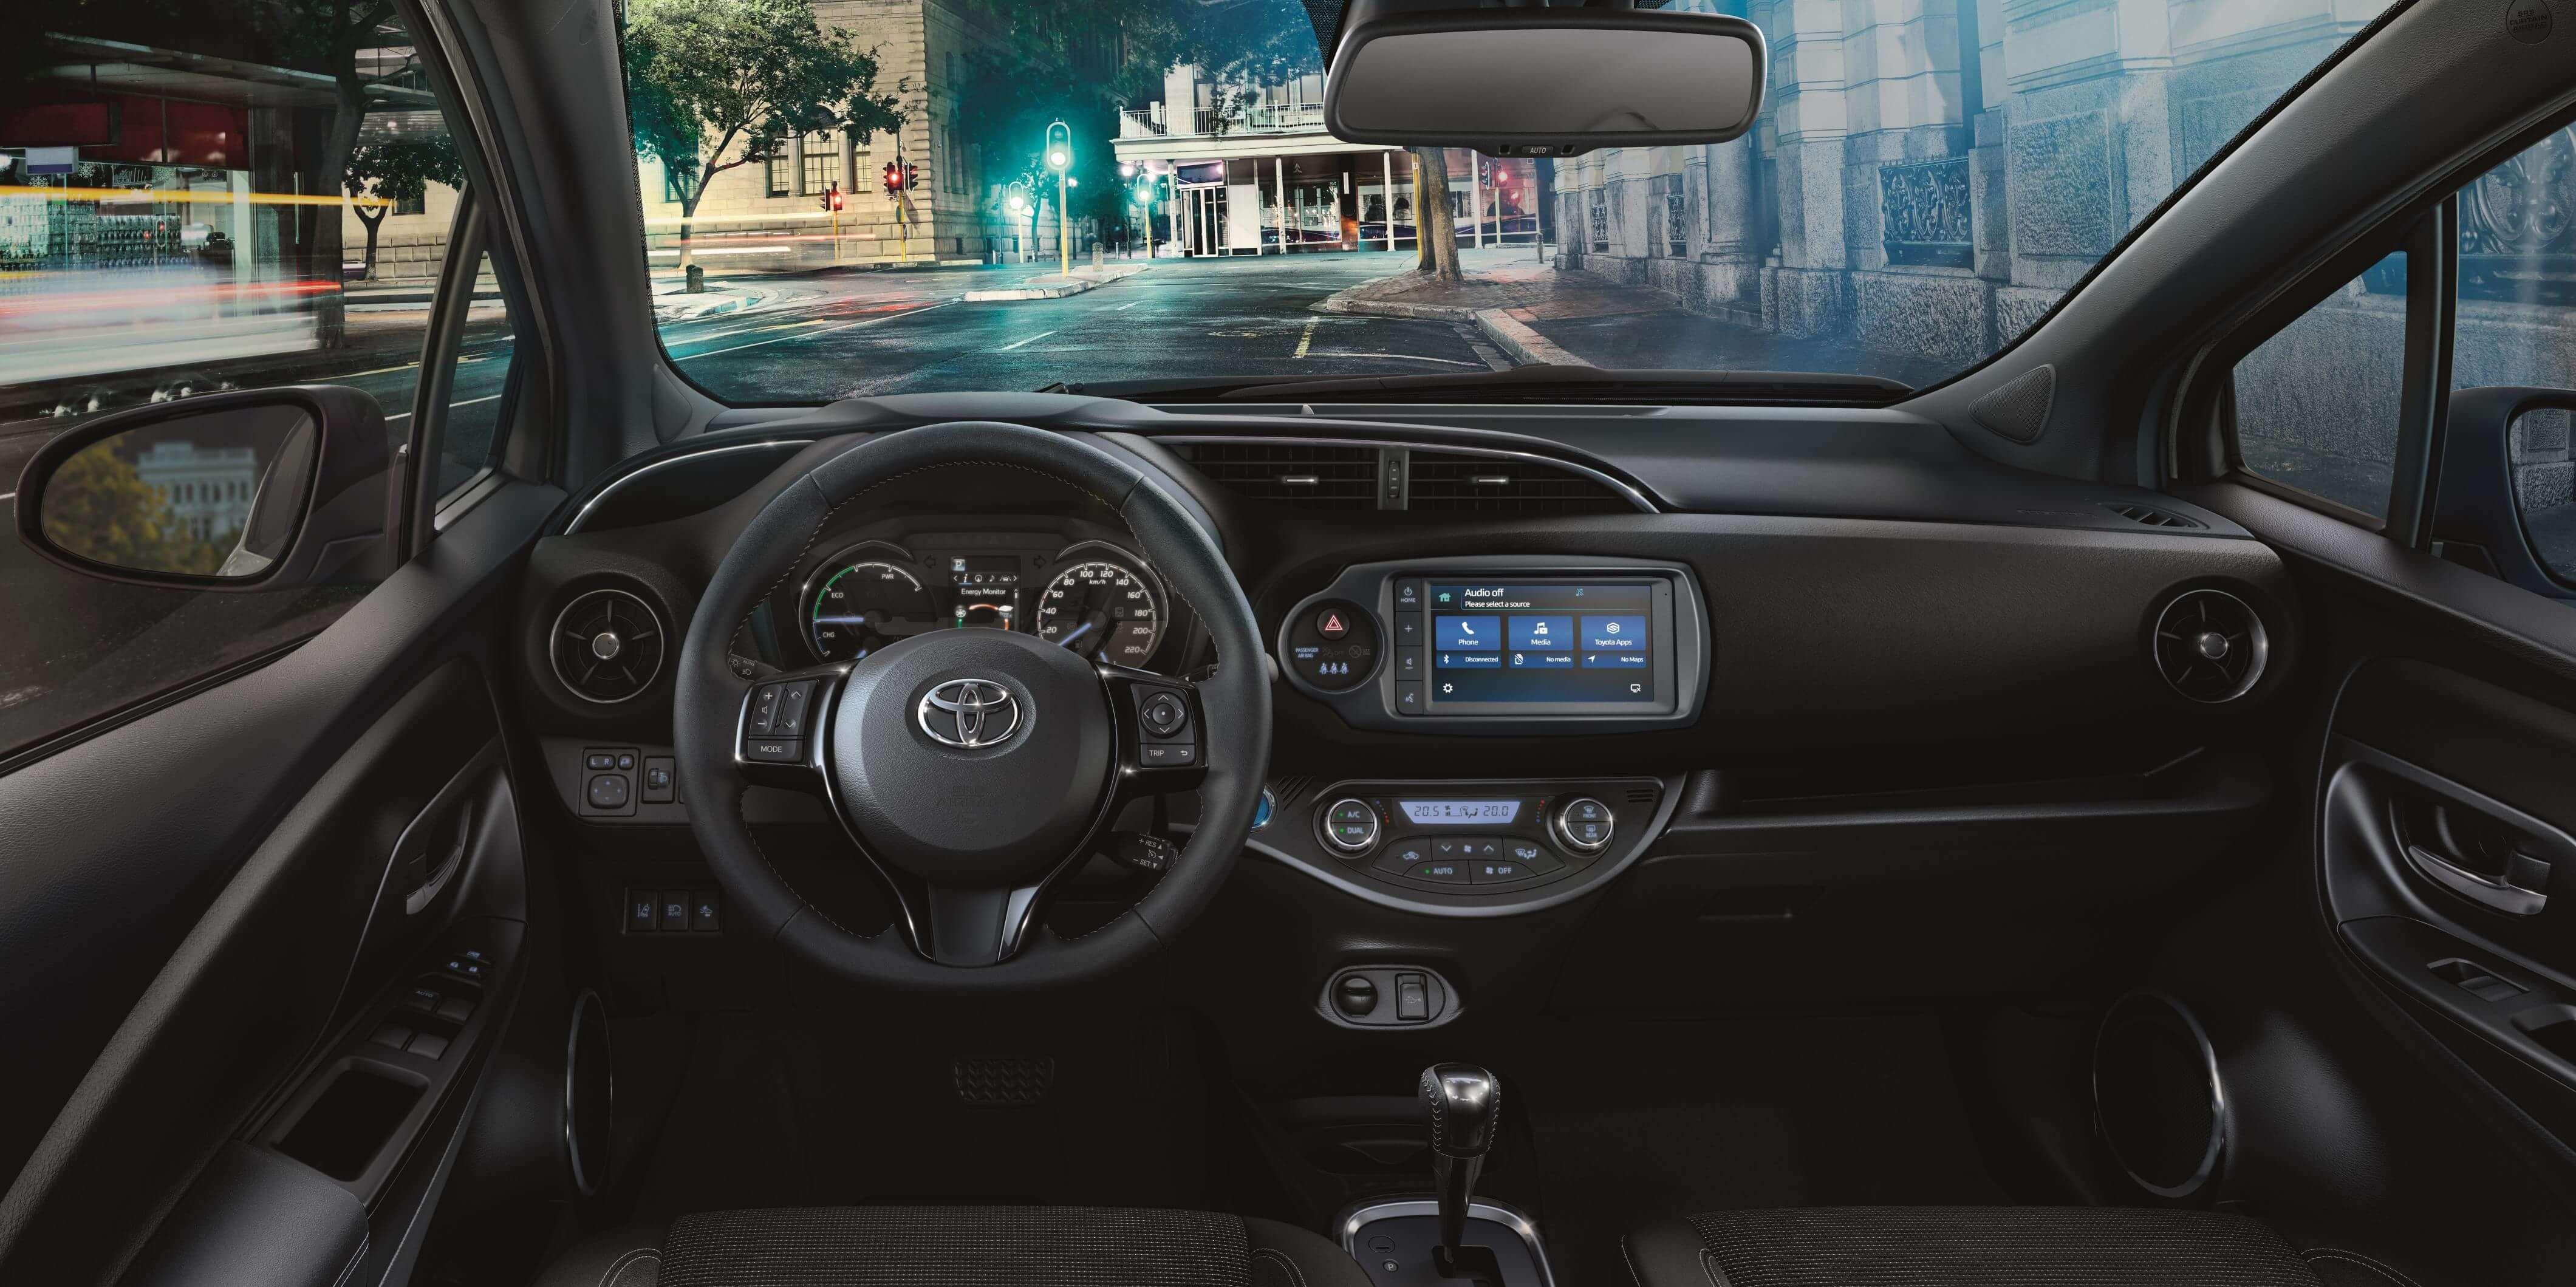 Toyota Yaris 2019 Ahora Con Mayor Conectividad Movil Busco Un Coche Toyota Toyota Corolla Jeep Renegade